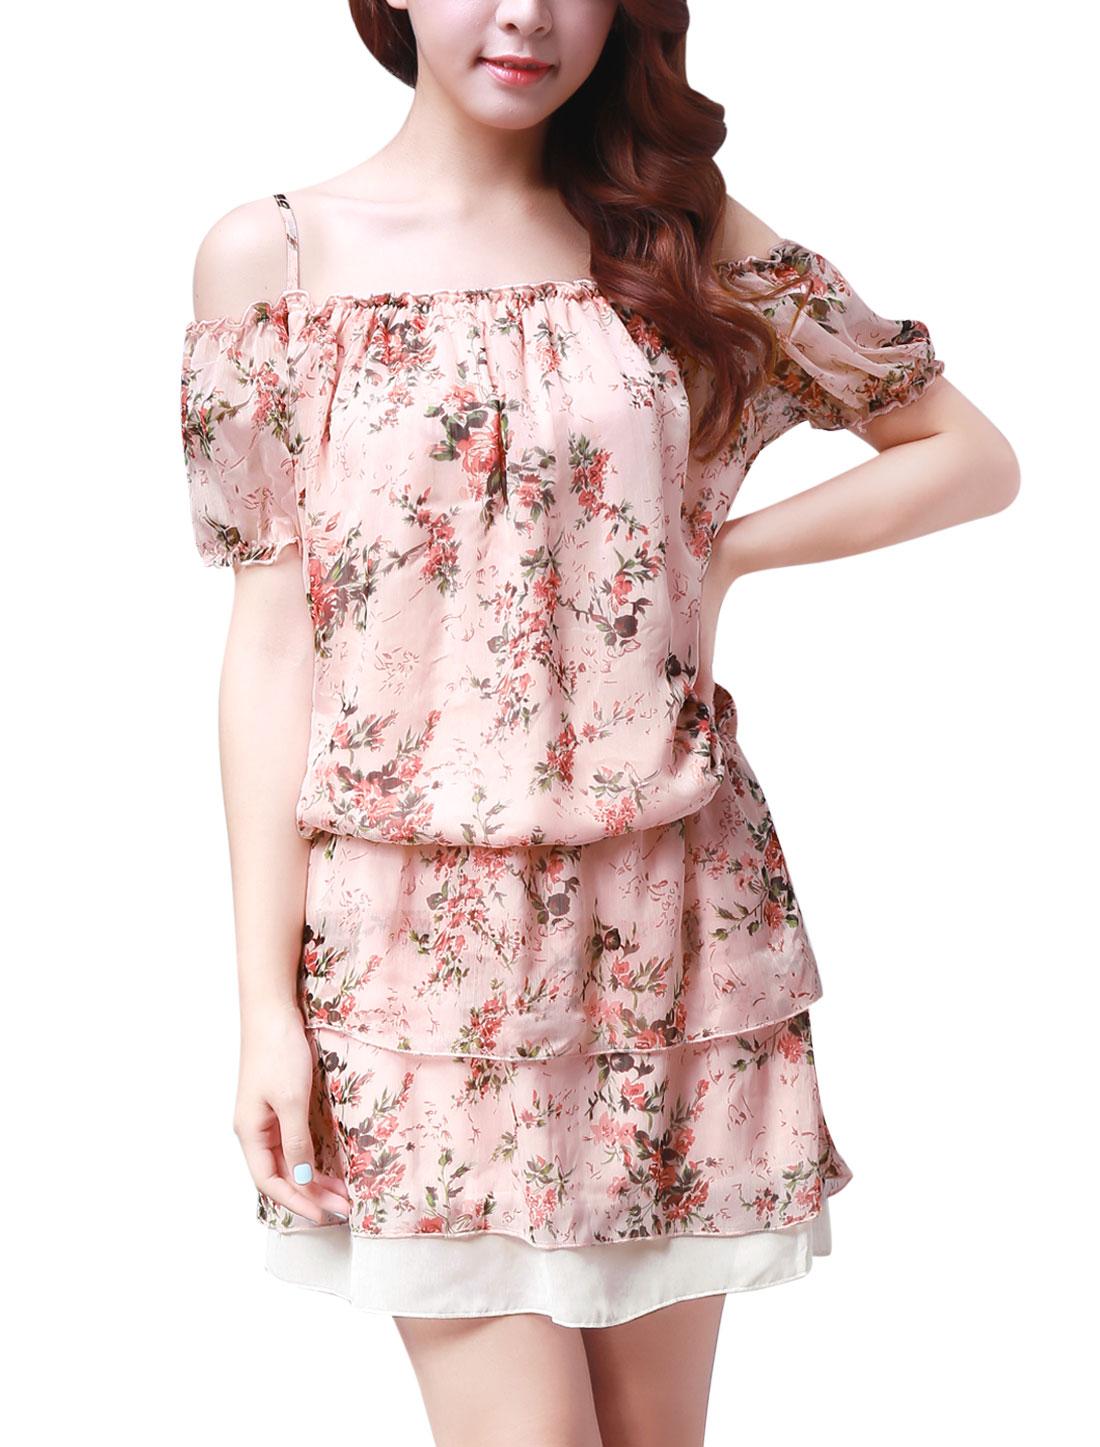 Woman Flower Prints Off Shoulder Chiffon Strap Mini Dress M